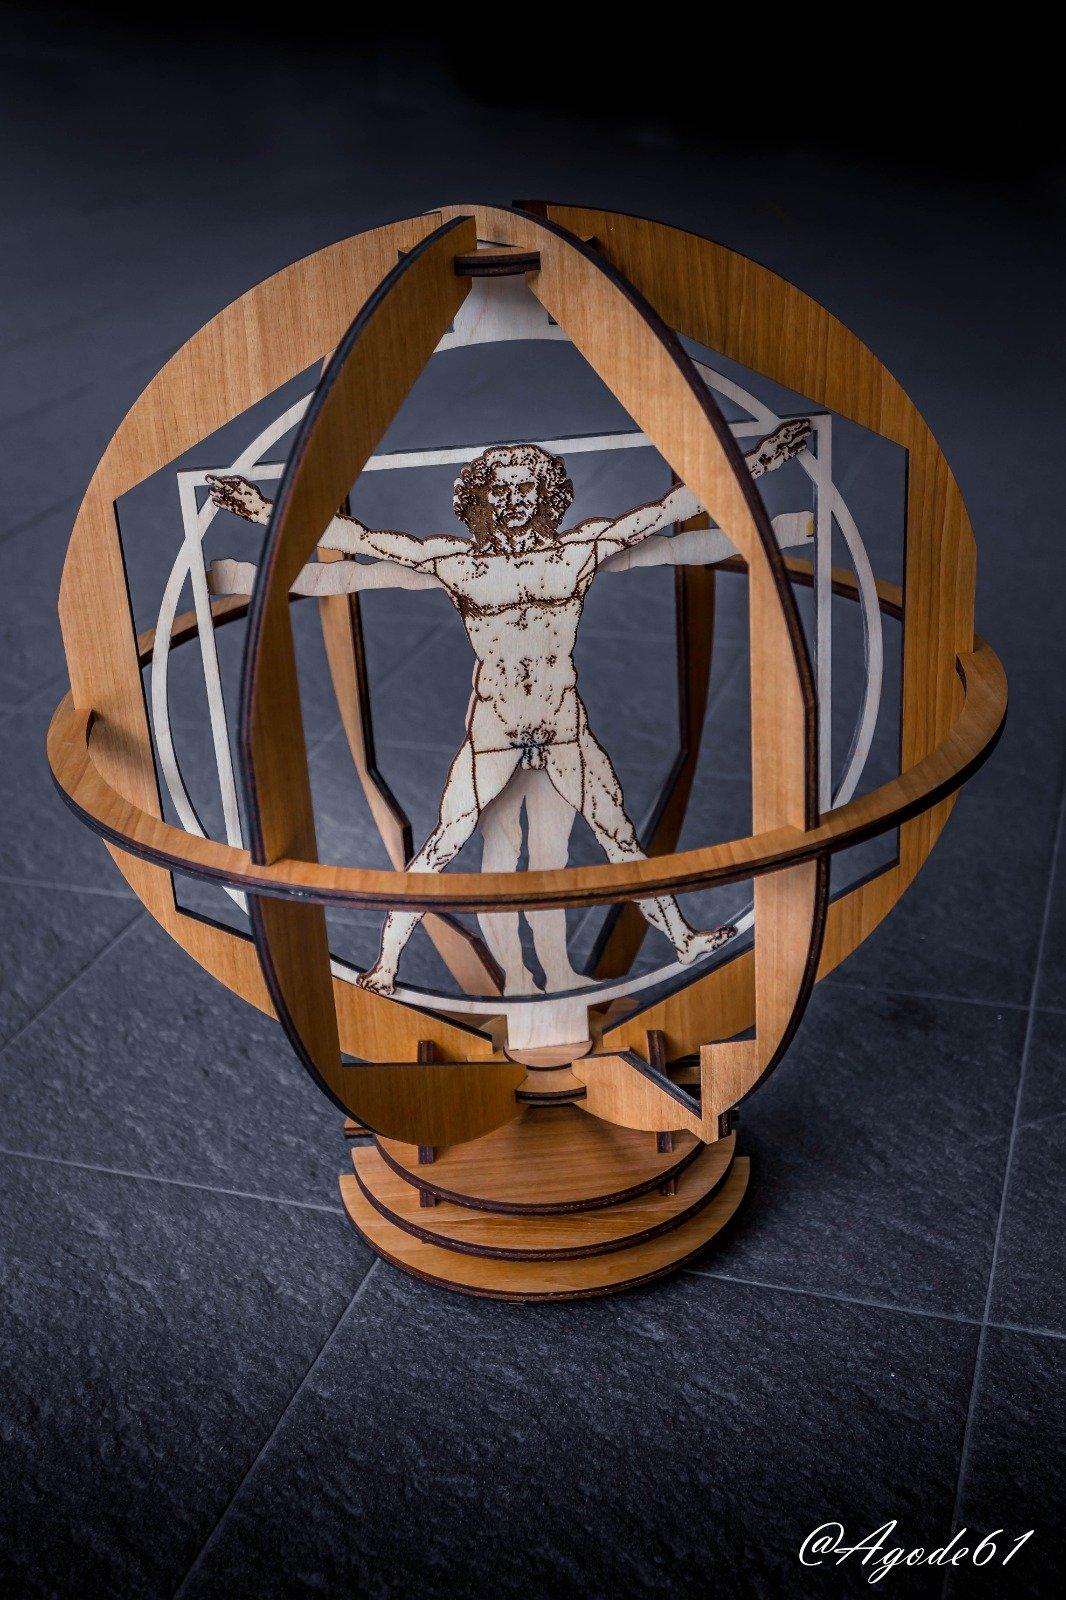 """Continua la mostra immersiva """"Leonardo da Vinci 3D"""" a Darfo Boario Terme (BS)"""